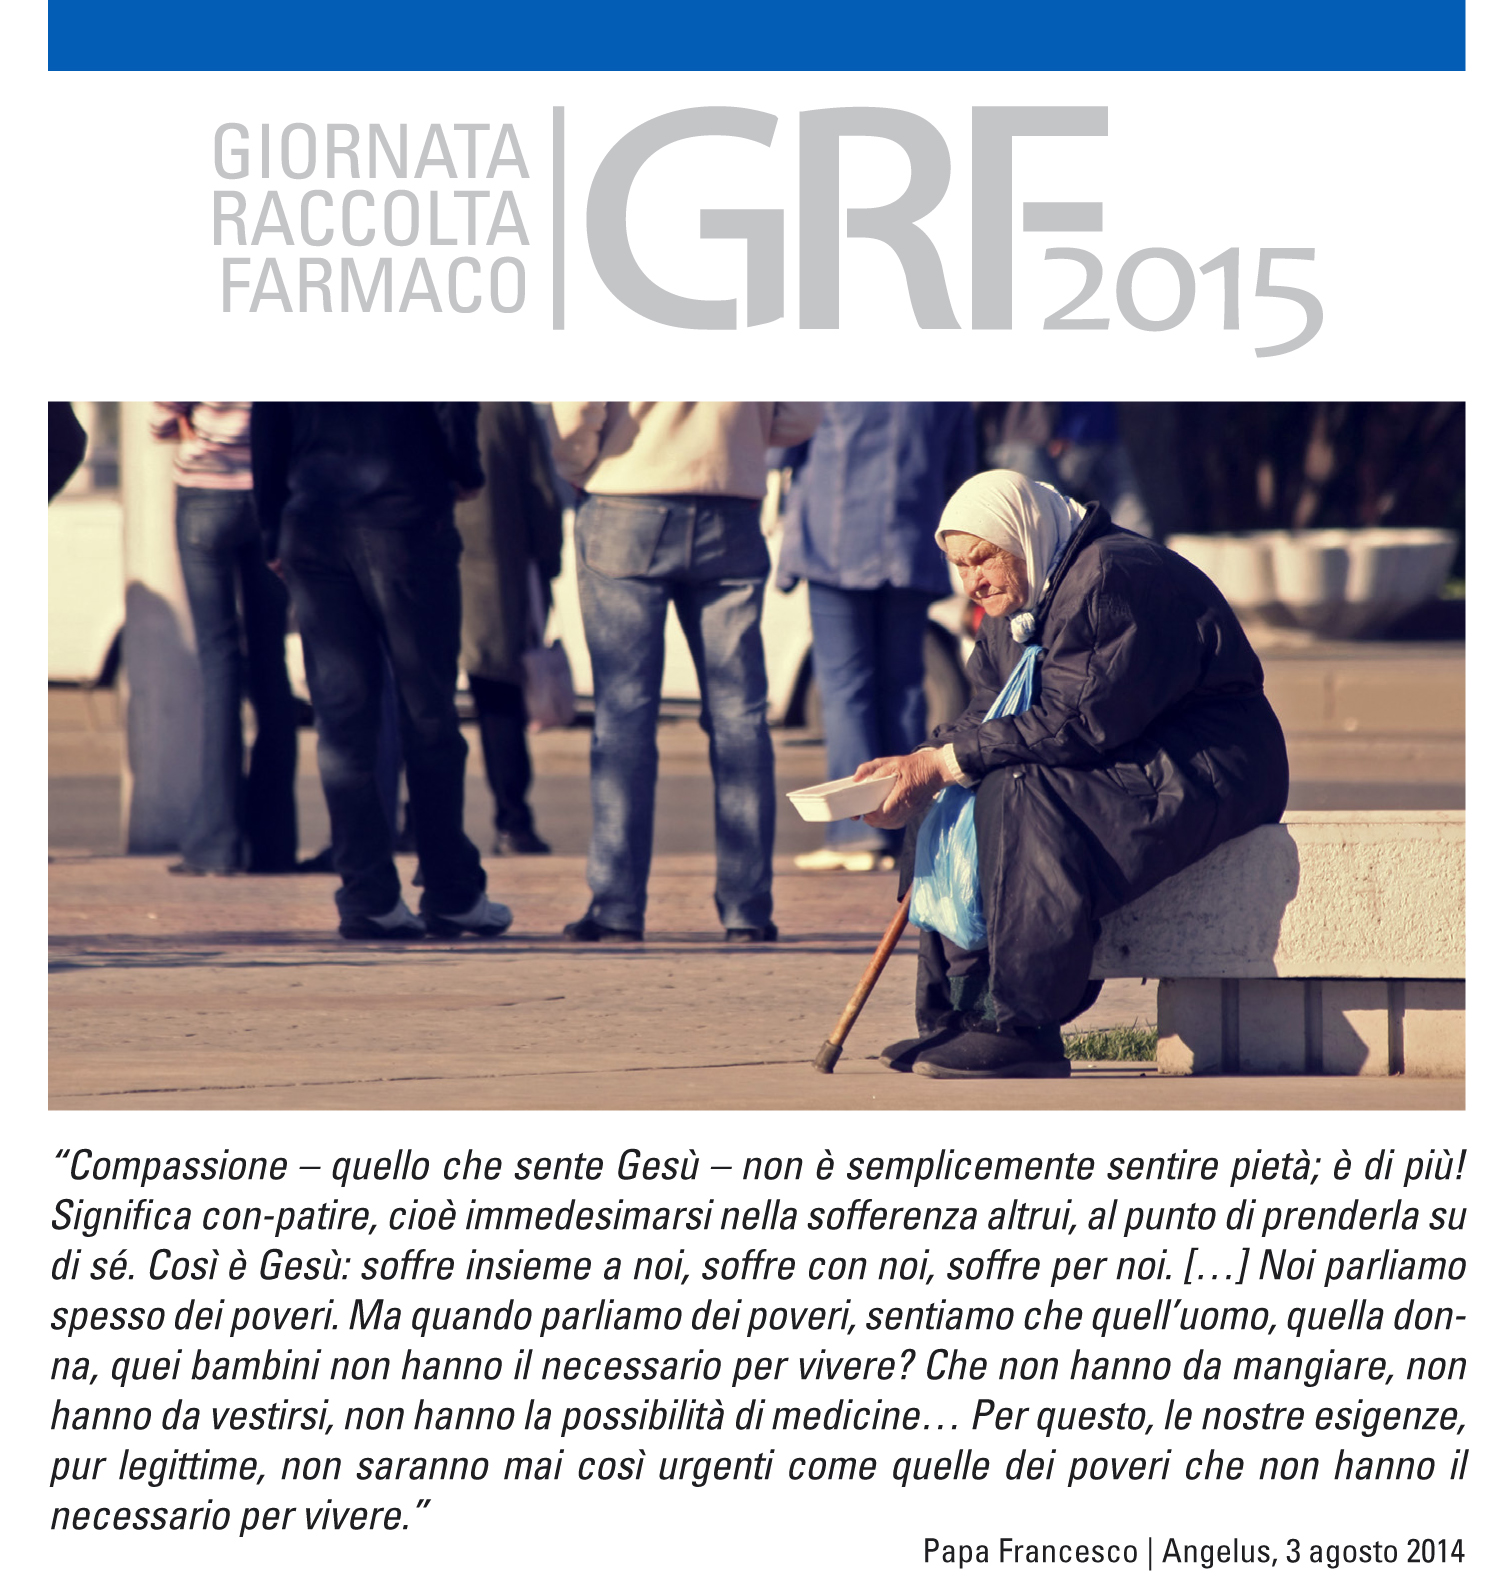 banco farmaceutico 2015